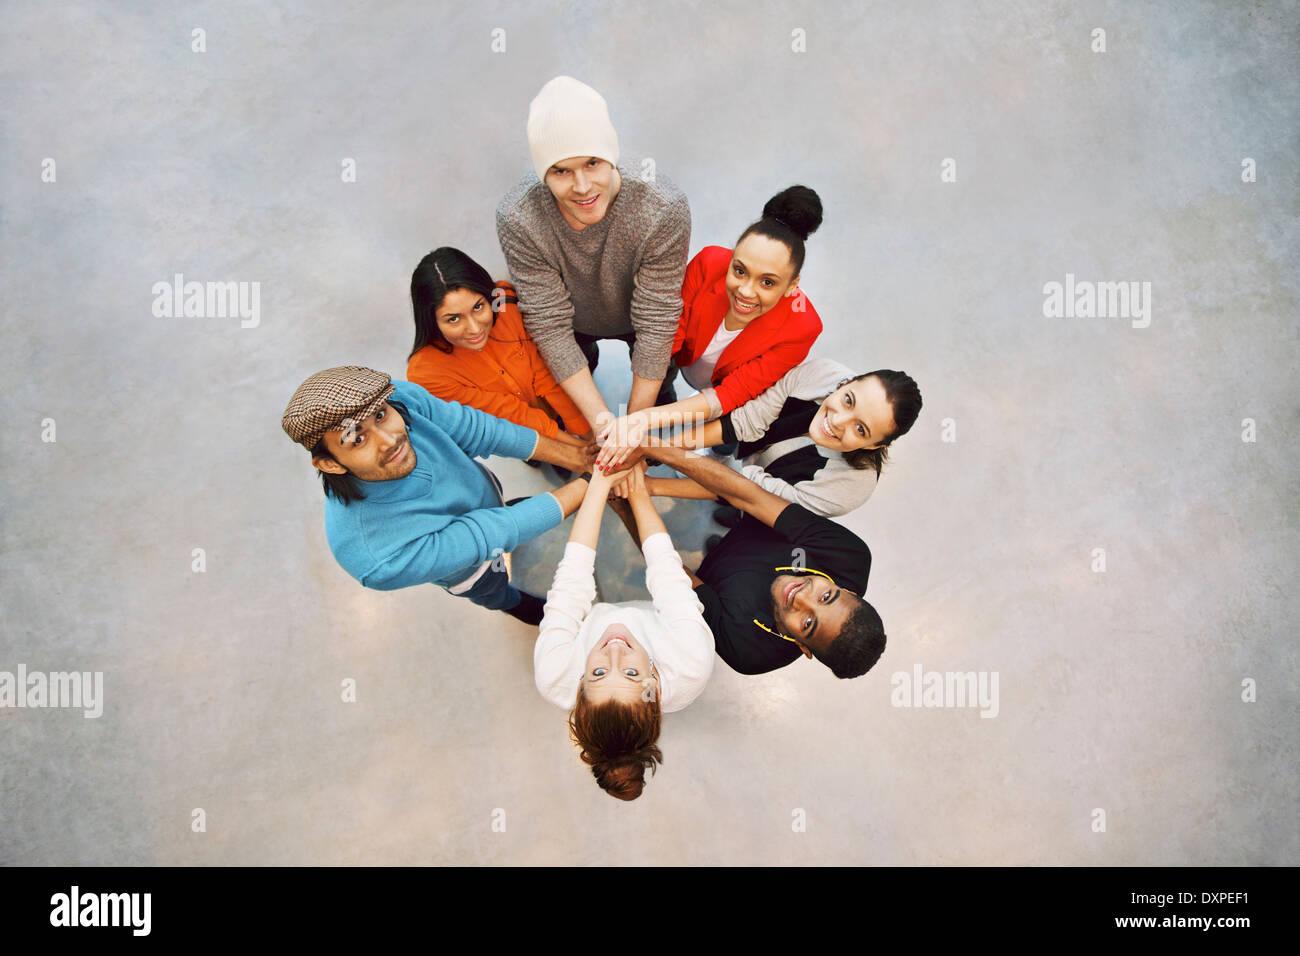 Groupe de professionnels jeunes étudiants montrant. Vue de dessus du groupe multiethnique de jeunes mettent leurs mains ensemble. Photo Stock